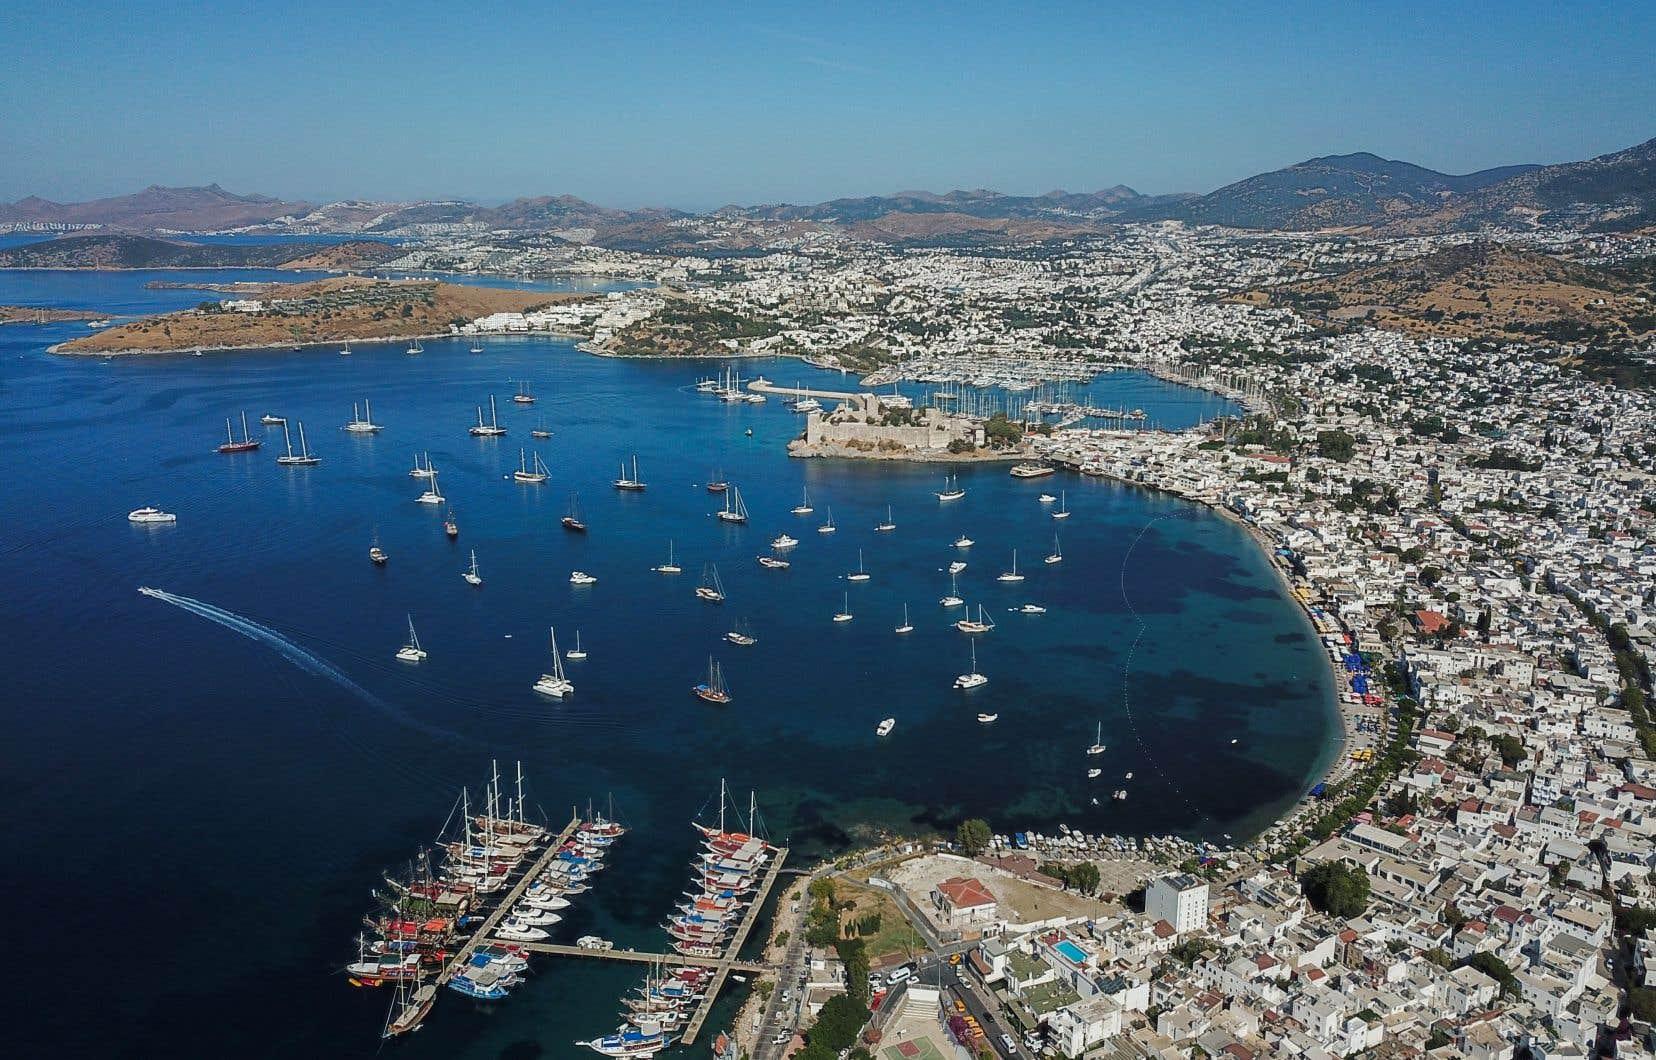 Surnommé le «Saint-Tropez turc», Bodrum a accueilli 4,34millions de touristes en 2019. Ce nombre a chuté des deux tiers en 2020, et seulement 350000 touristes sont venus entre janvier et mai 2021.